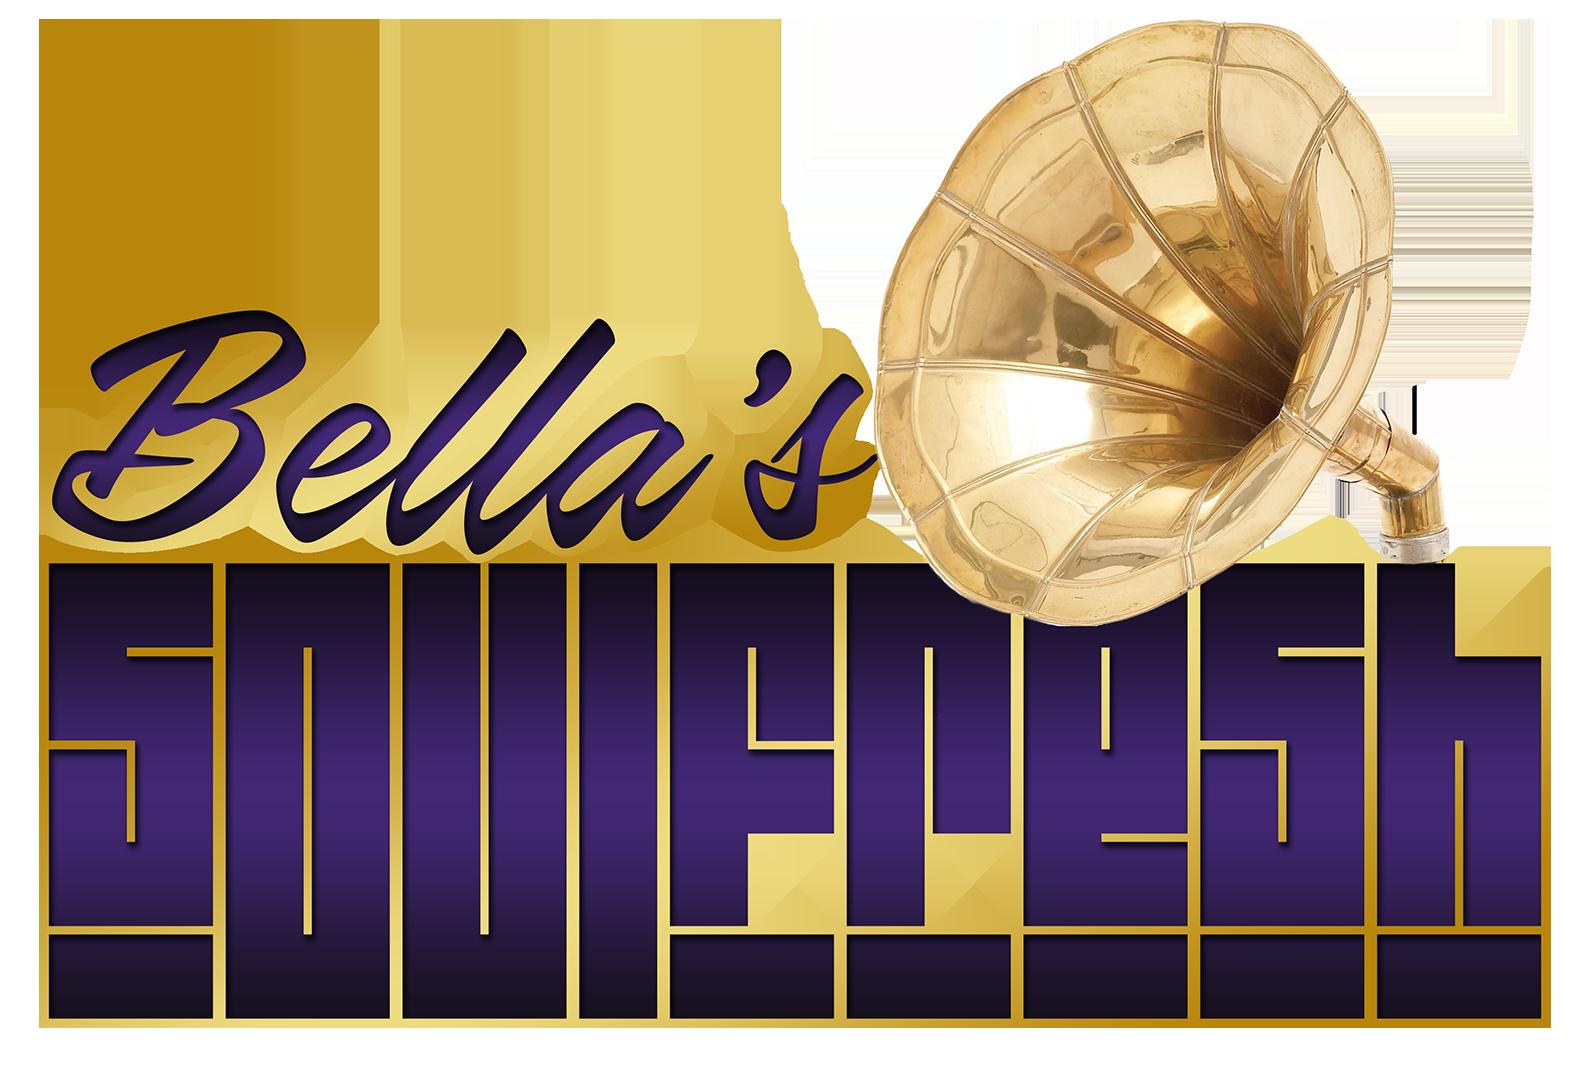 Bella's SoulFRESH - Bella Scratch